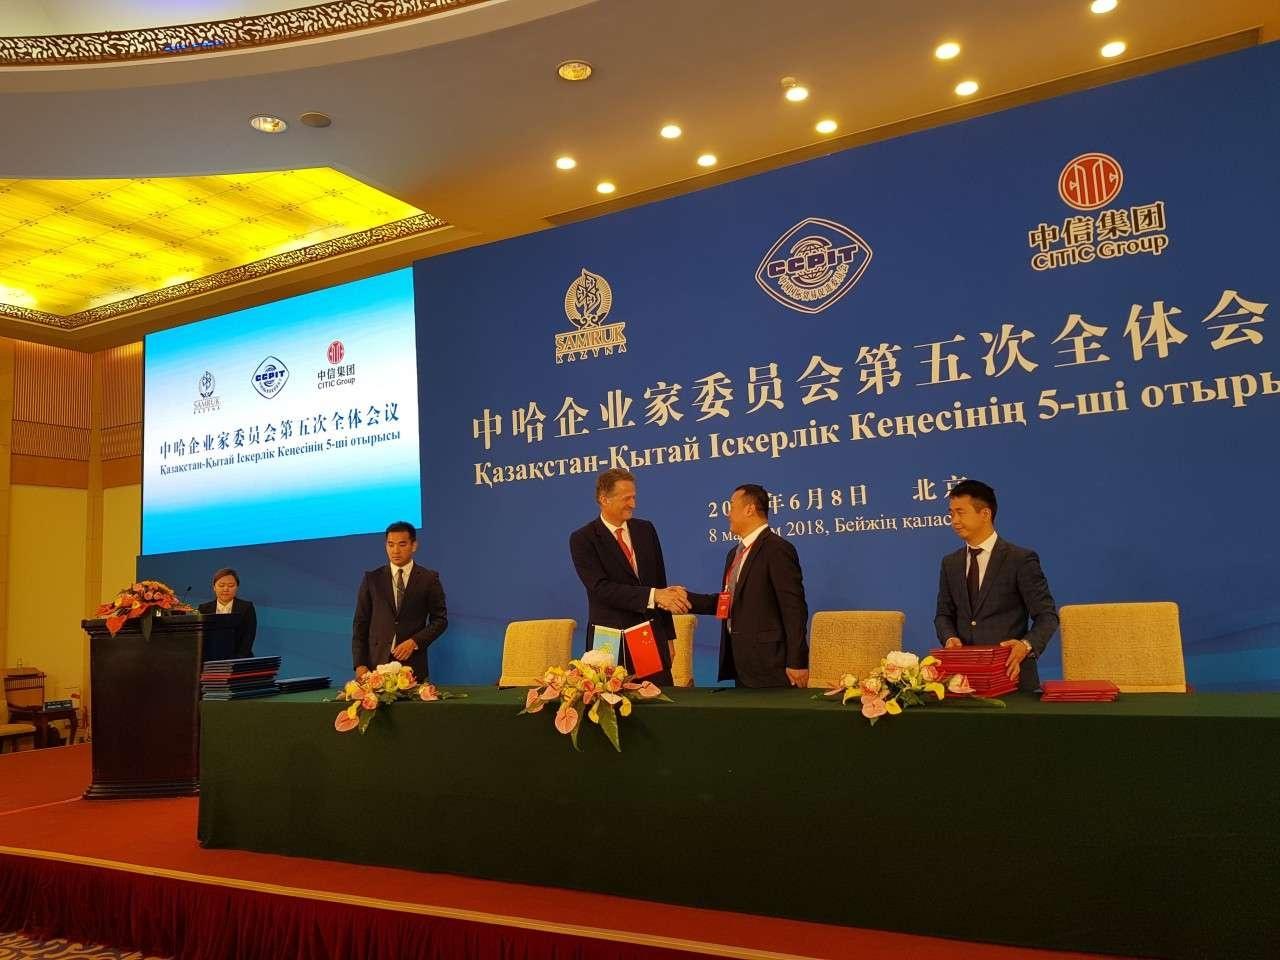 Заседание Казахстанско-китайского делового совета в рамках официального визита Нурсултана Назарбаева в Китай в июне 2018 года